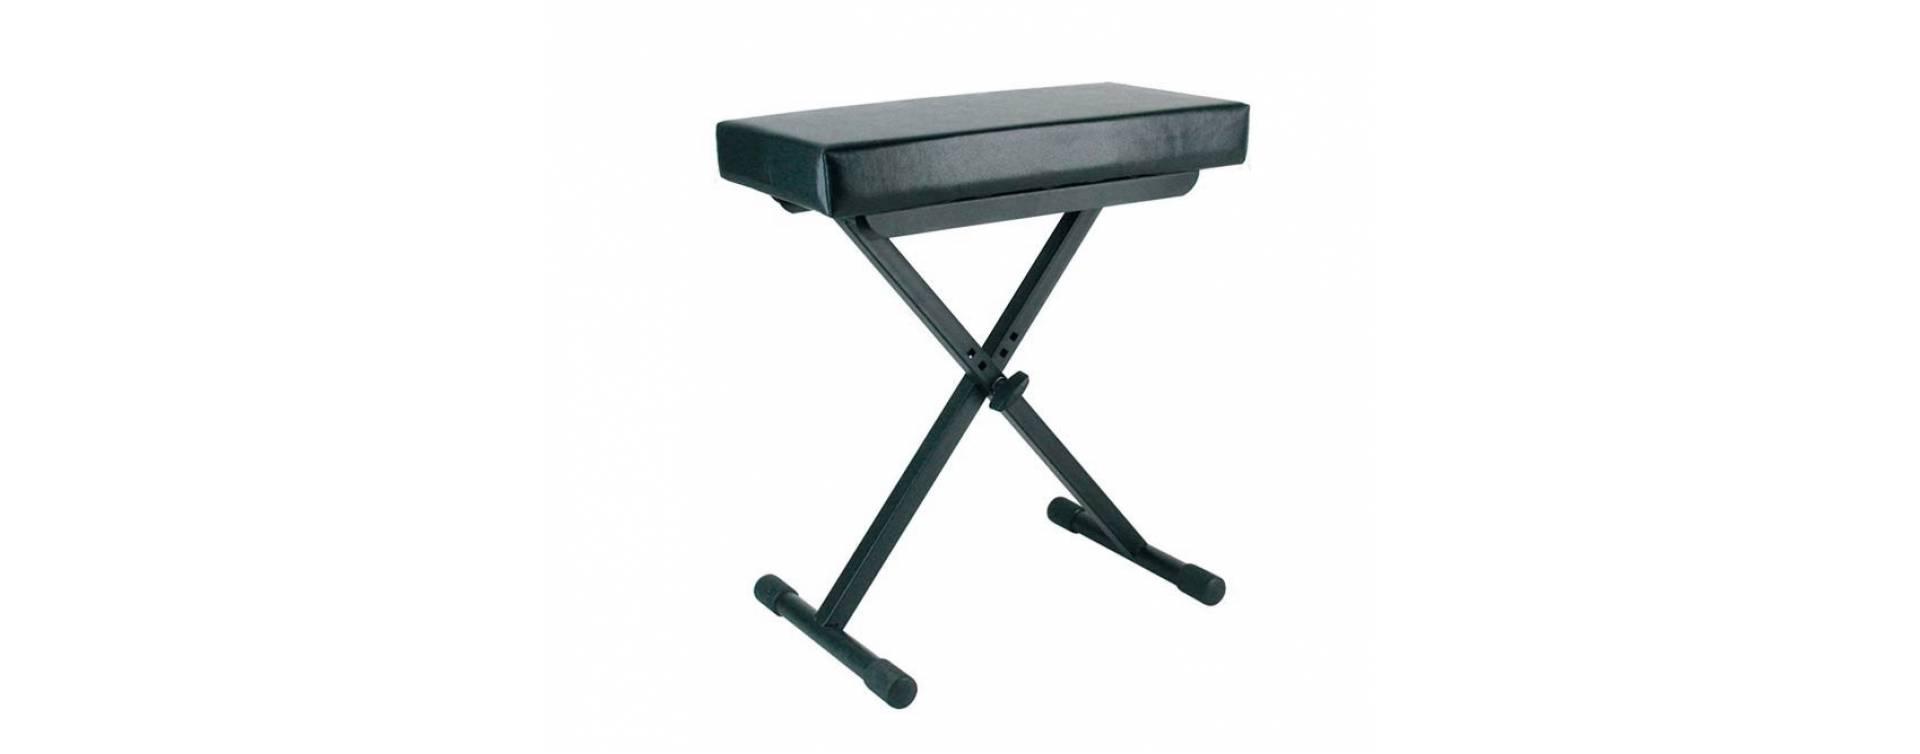 Lavičky a židle ke klávesám